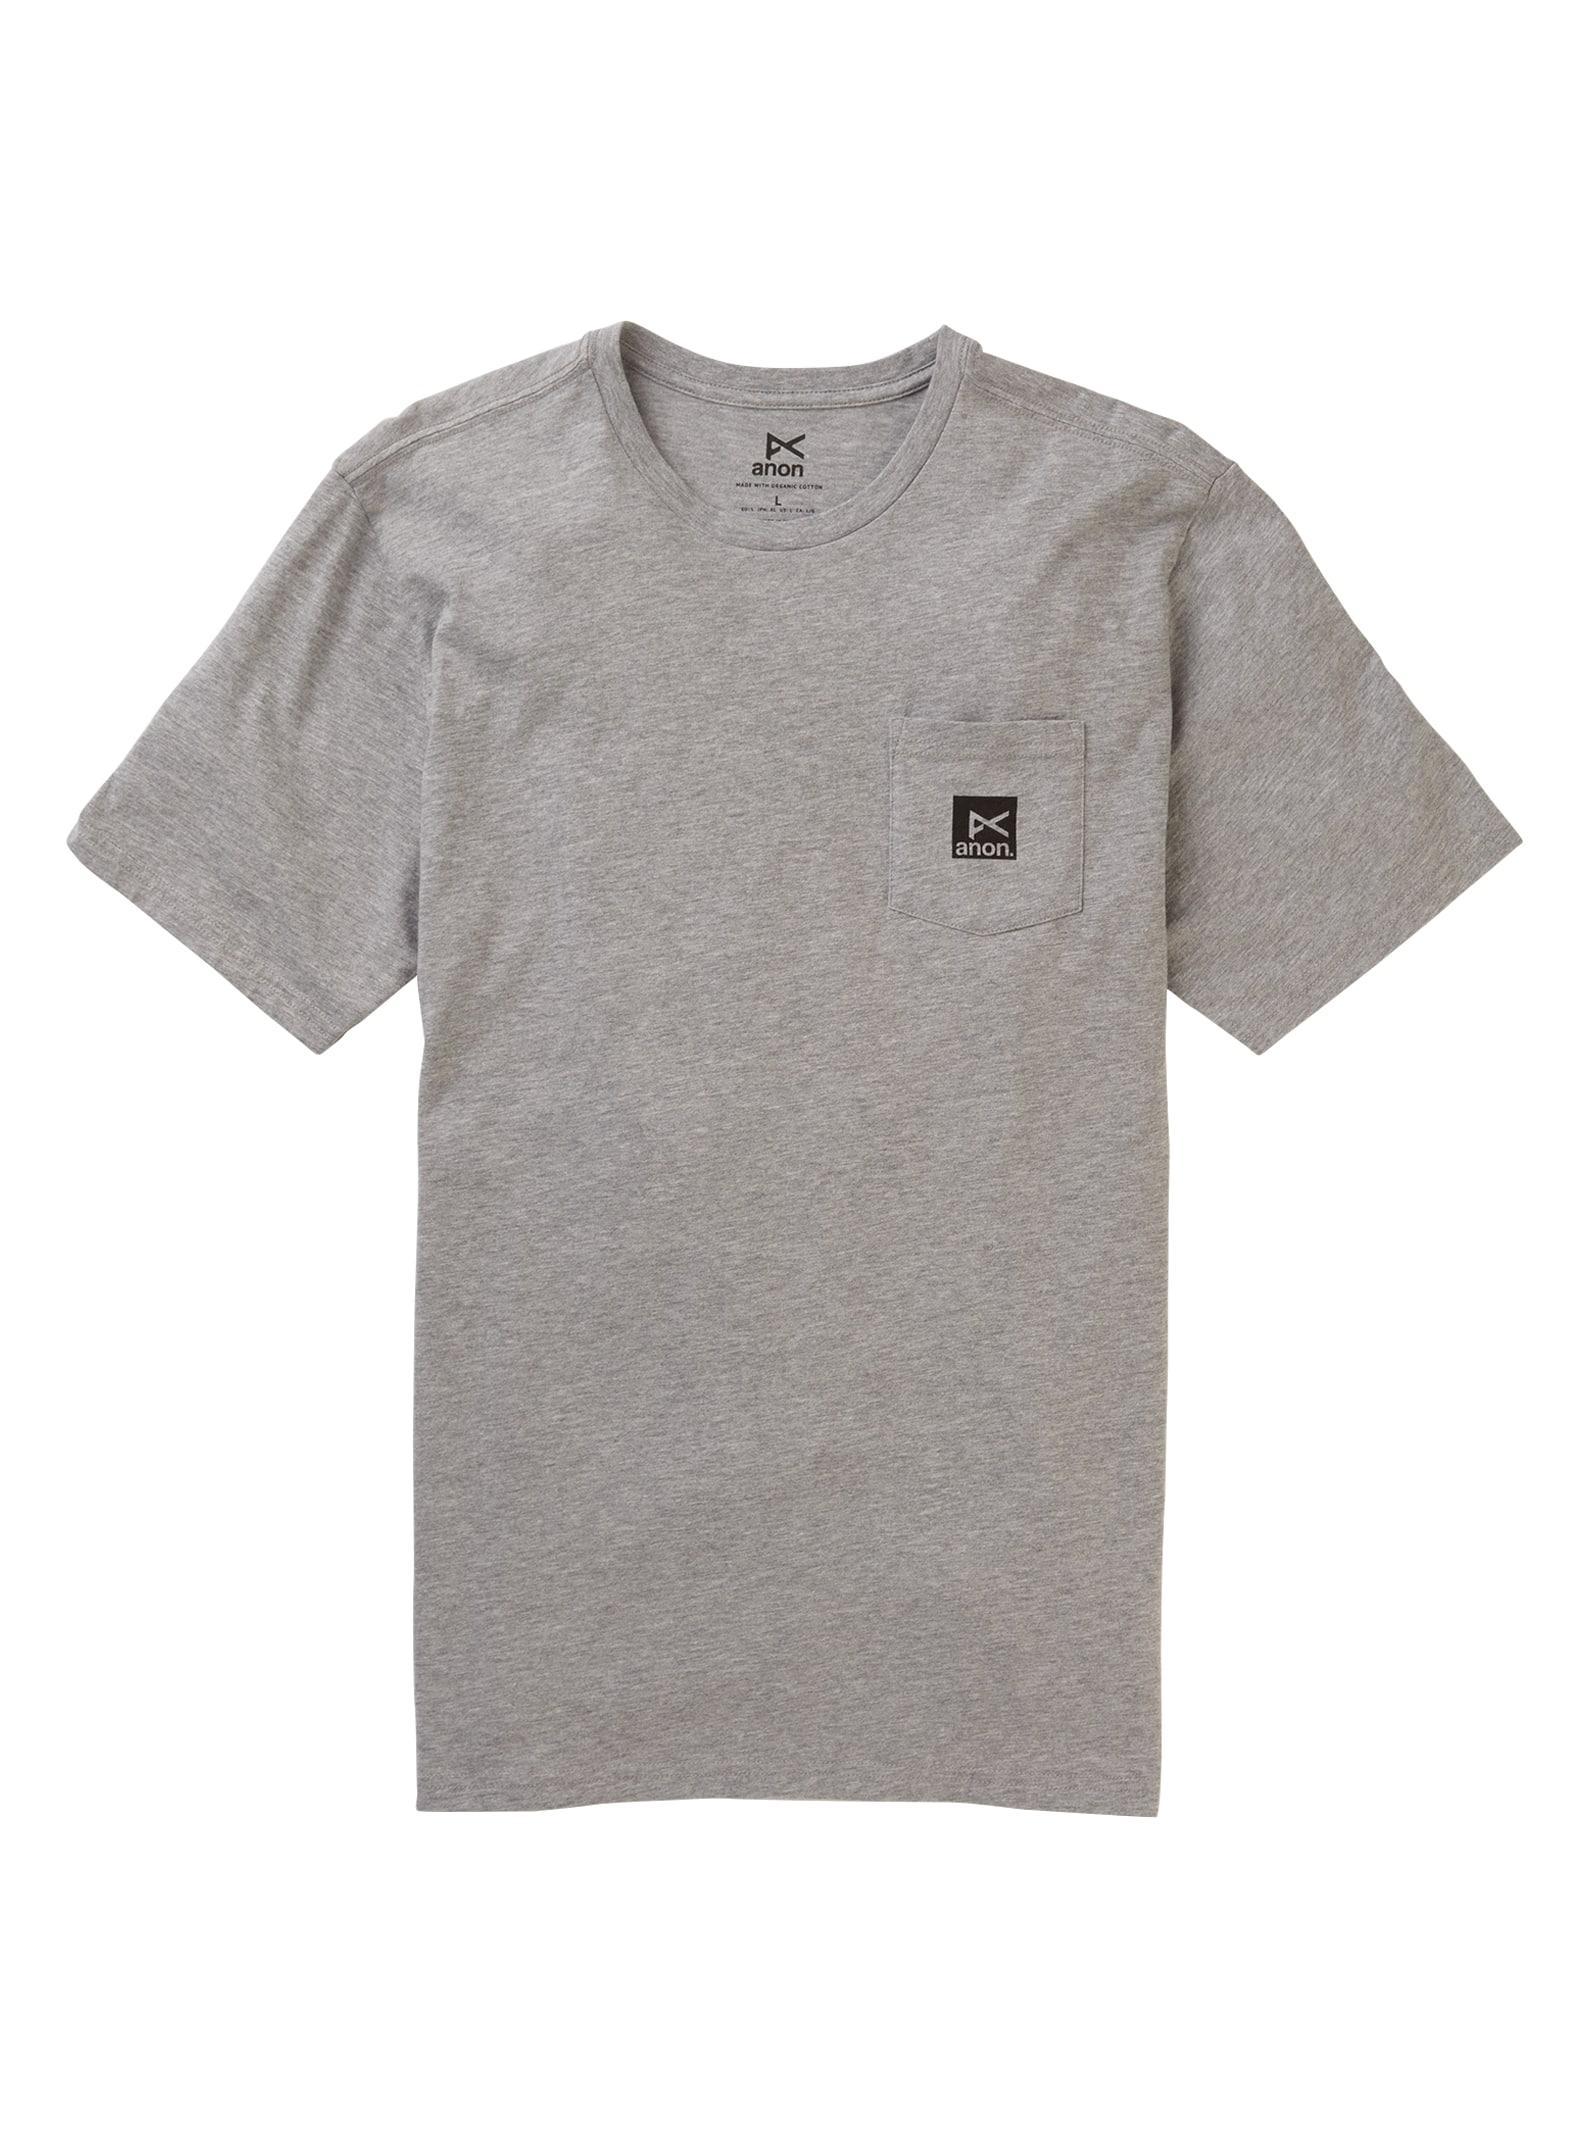 Anon kortärmad t-shirt med ficka, Gray Heather, S